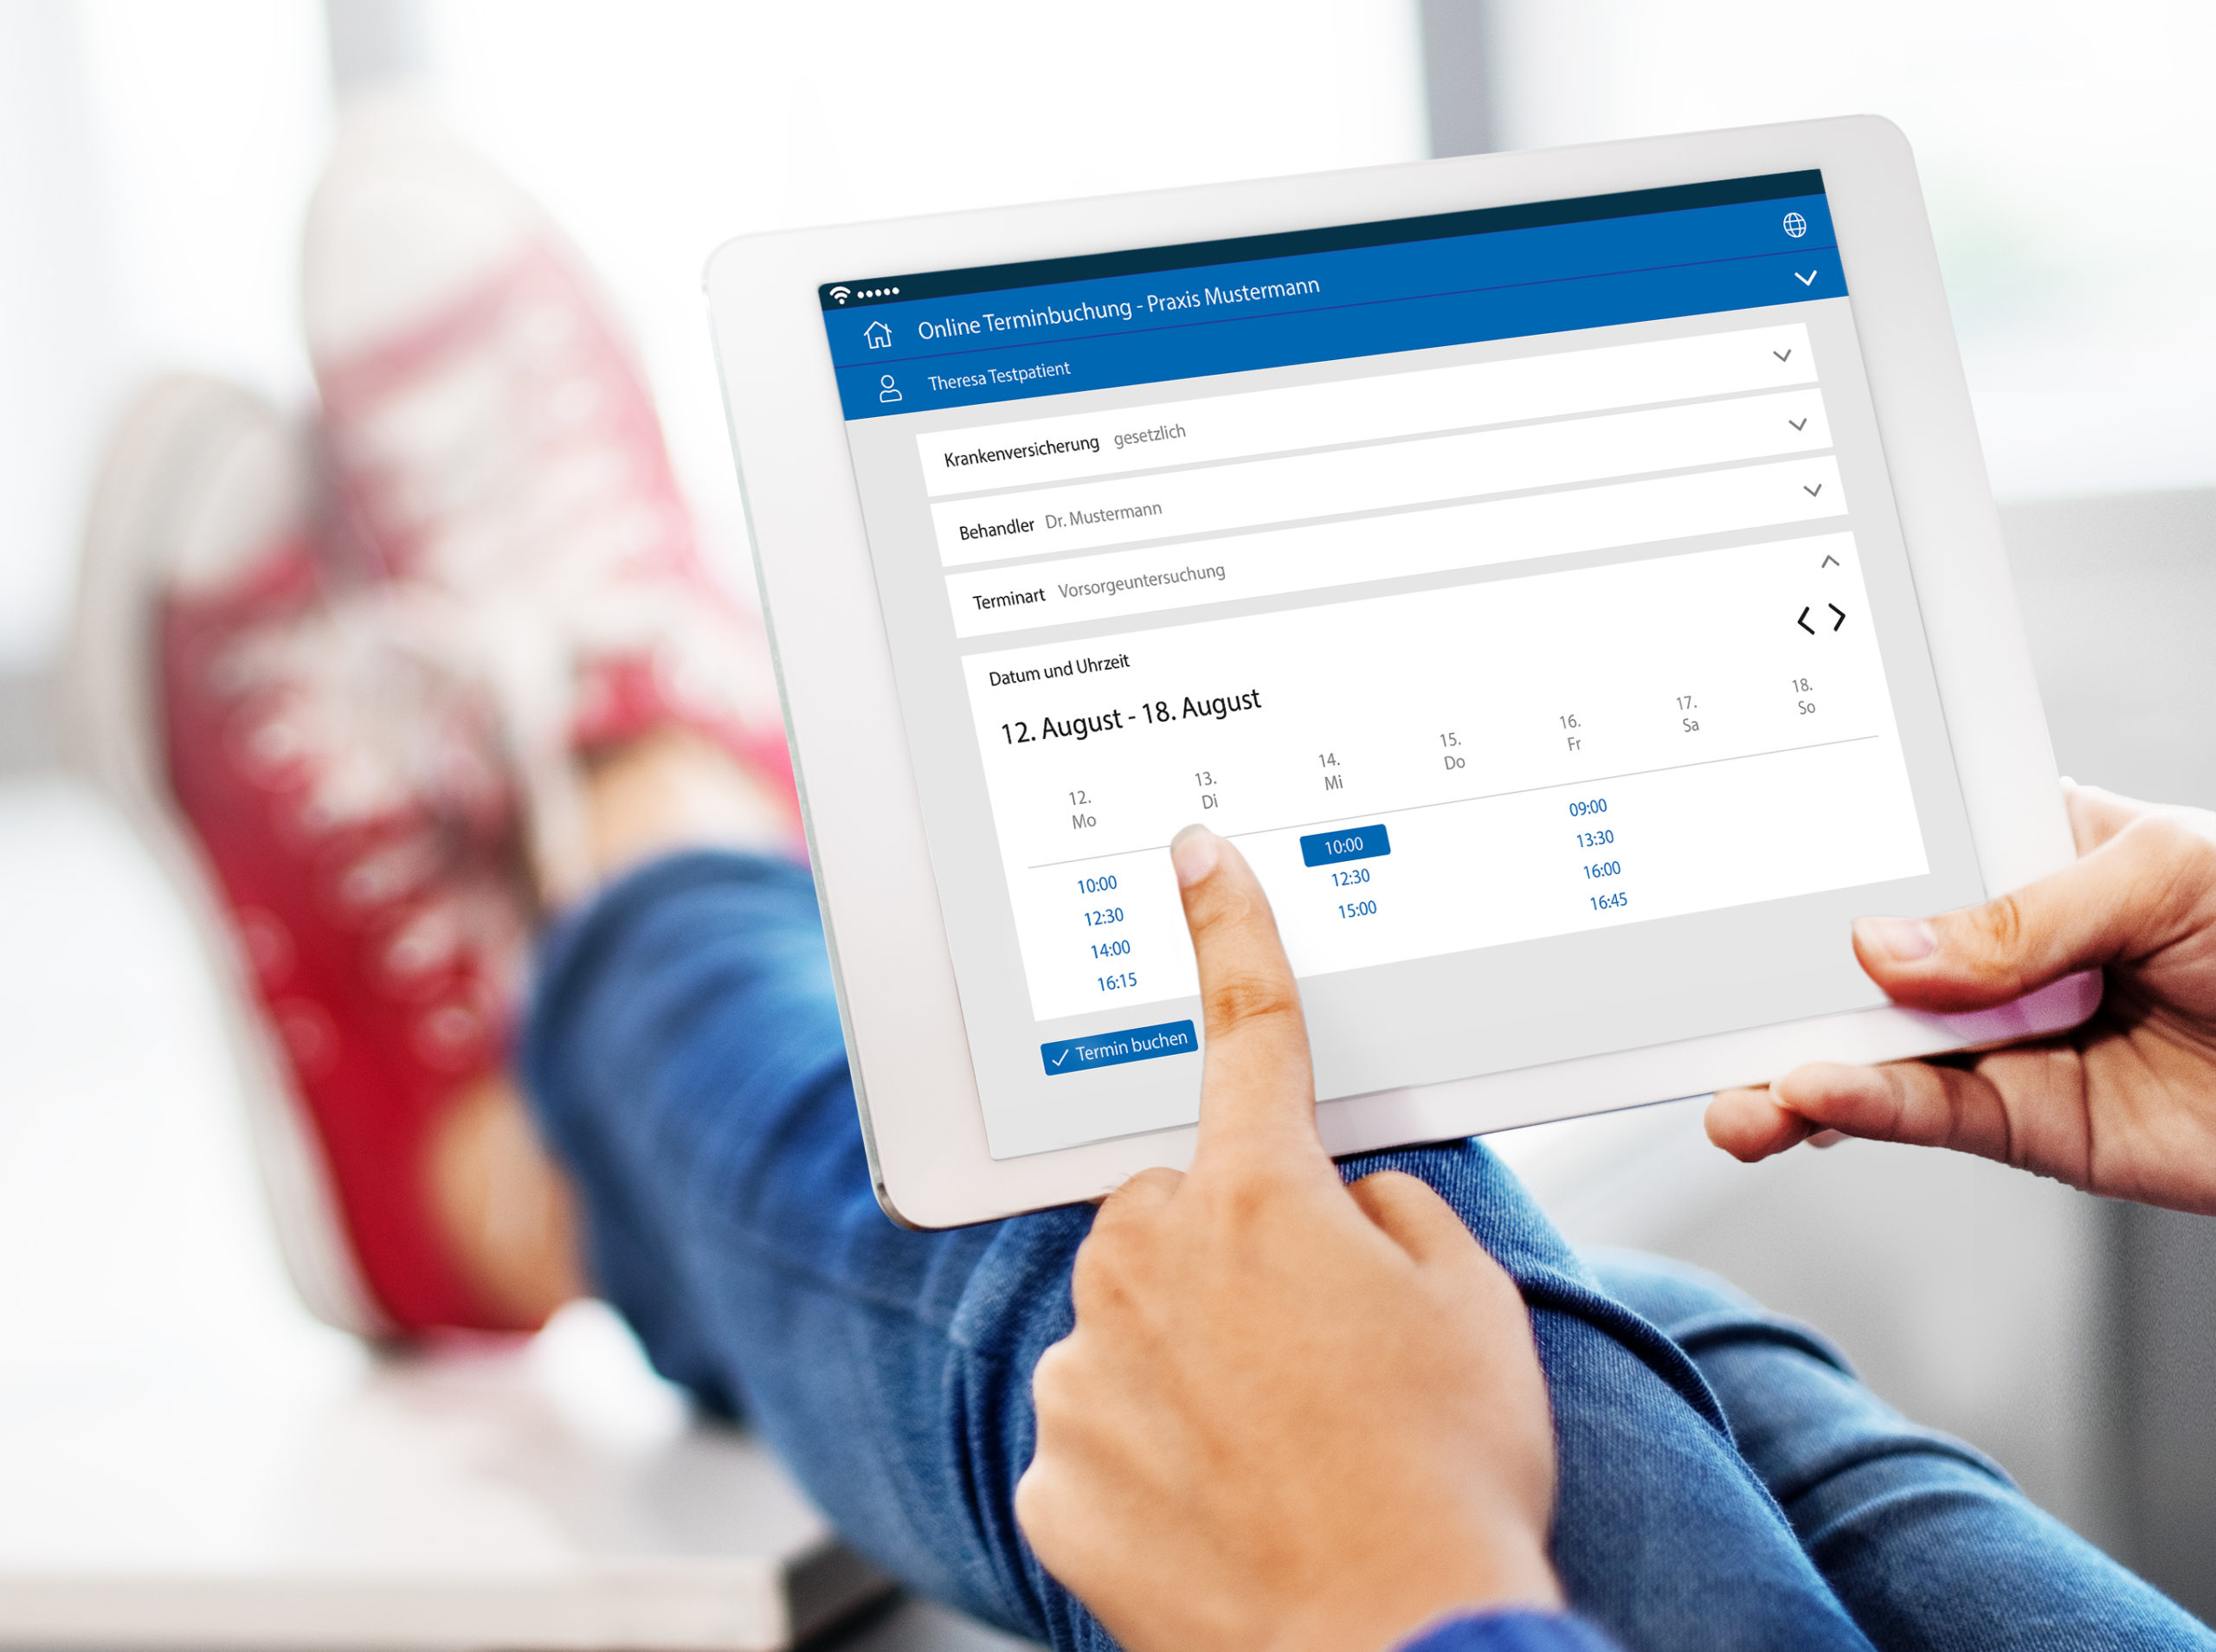 E-Health-Anbieter samedi bietet u.A. Online-Terminbuchung, Copyright: samedi